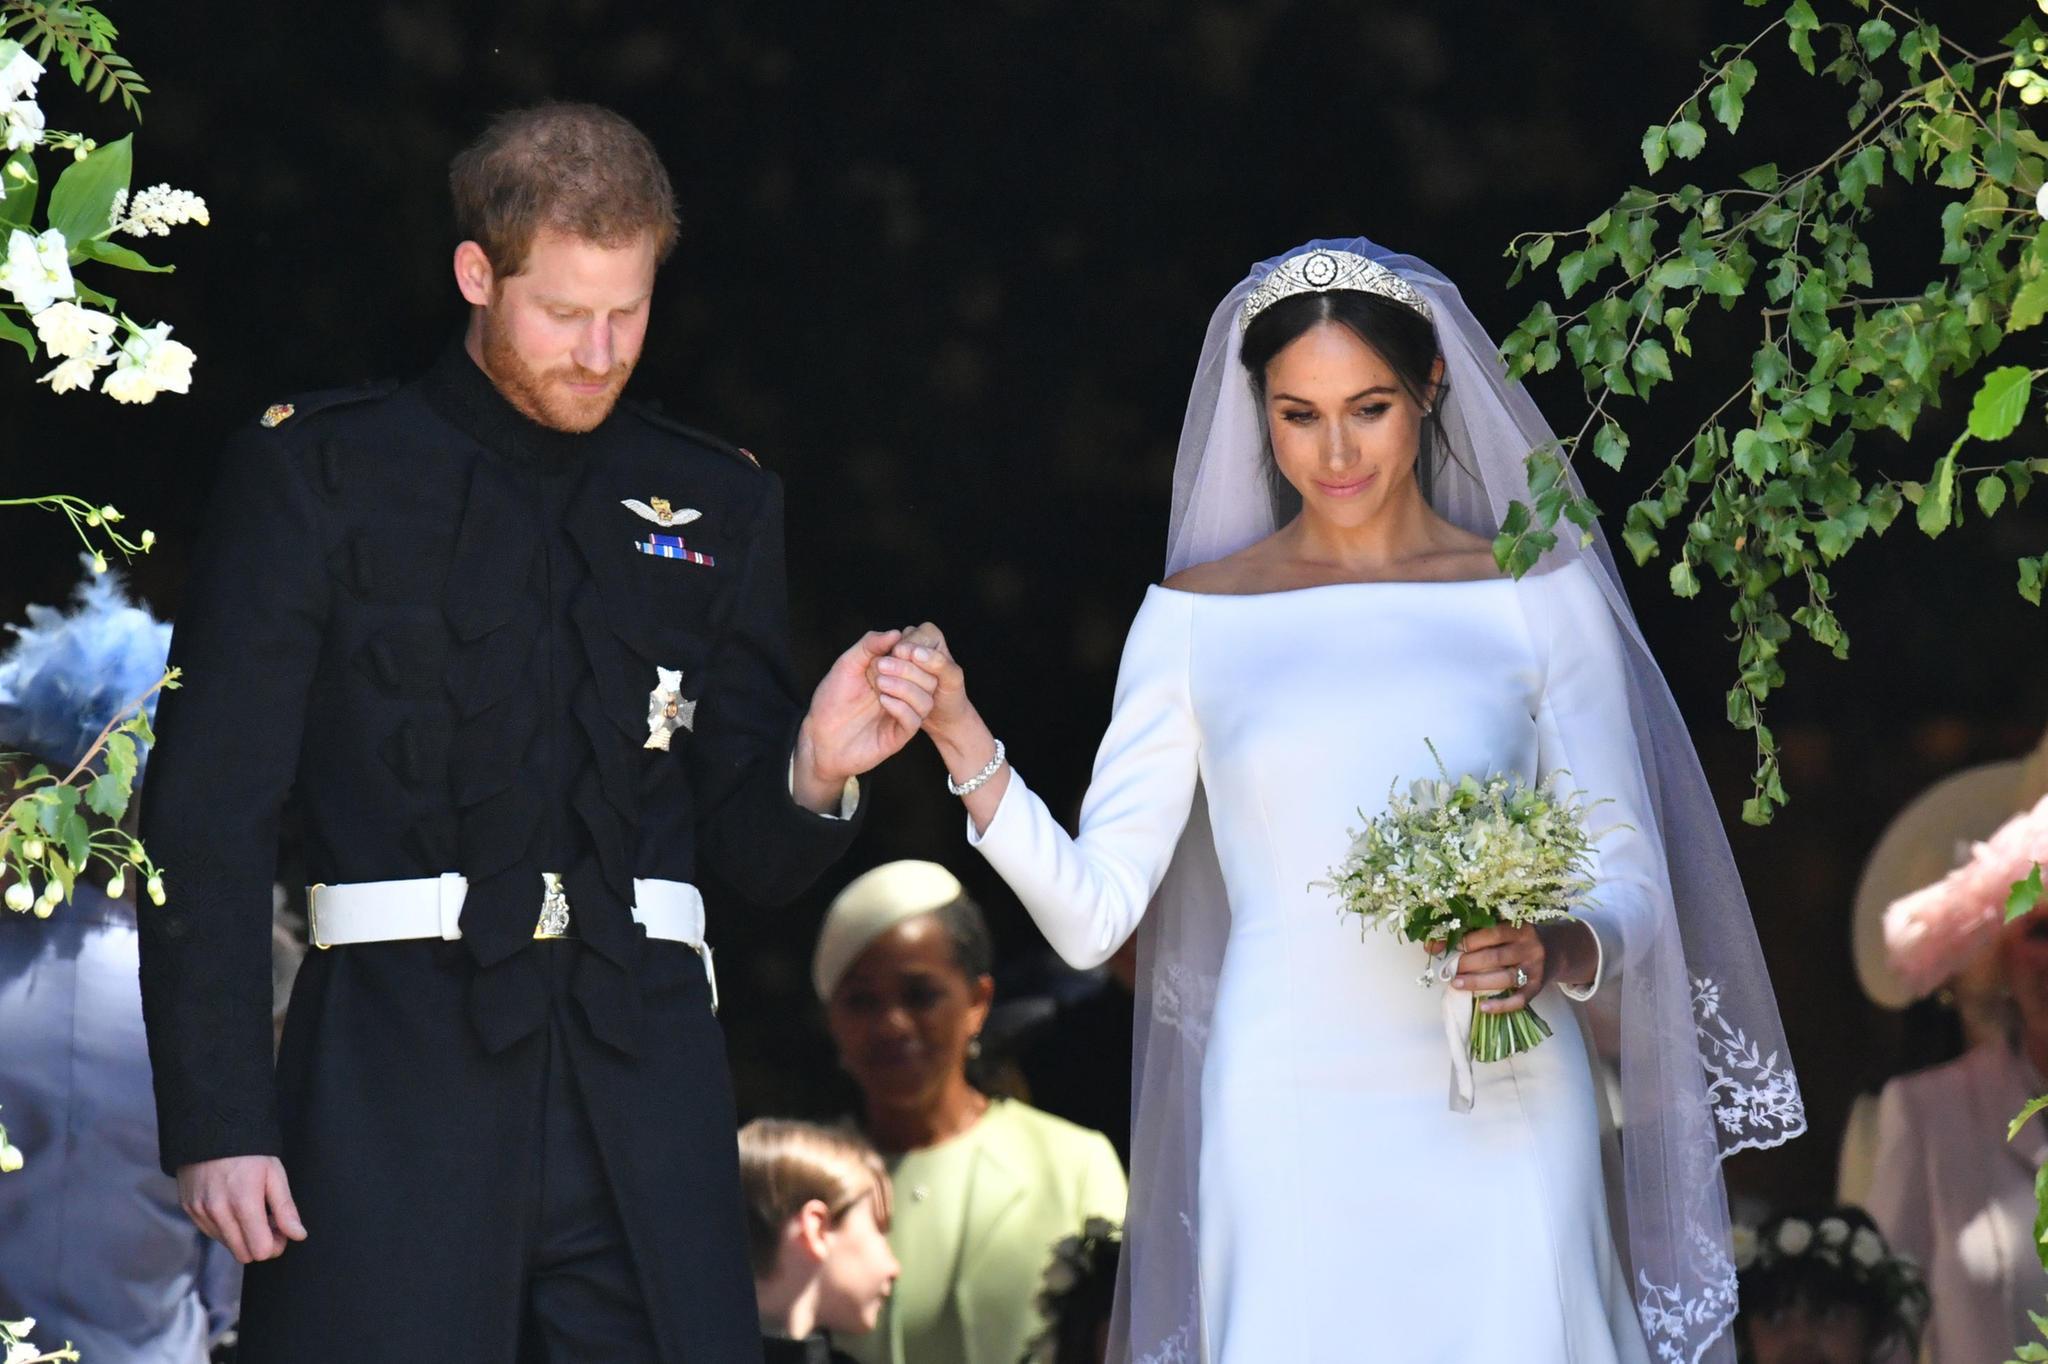 Dürfen wir vorstellen? Der Herzog und die Herzogin von Sussex.